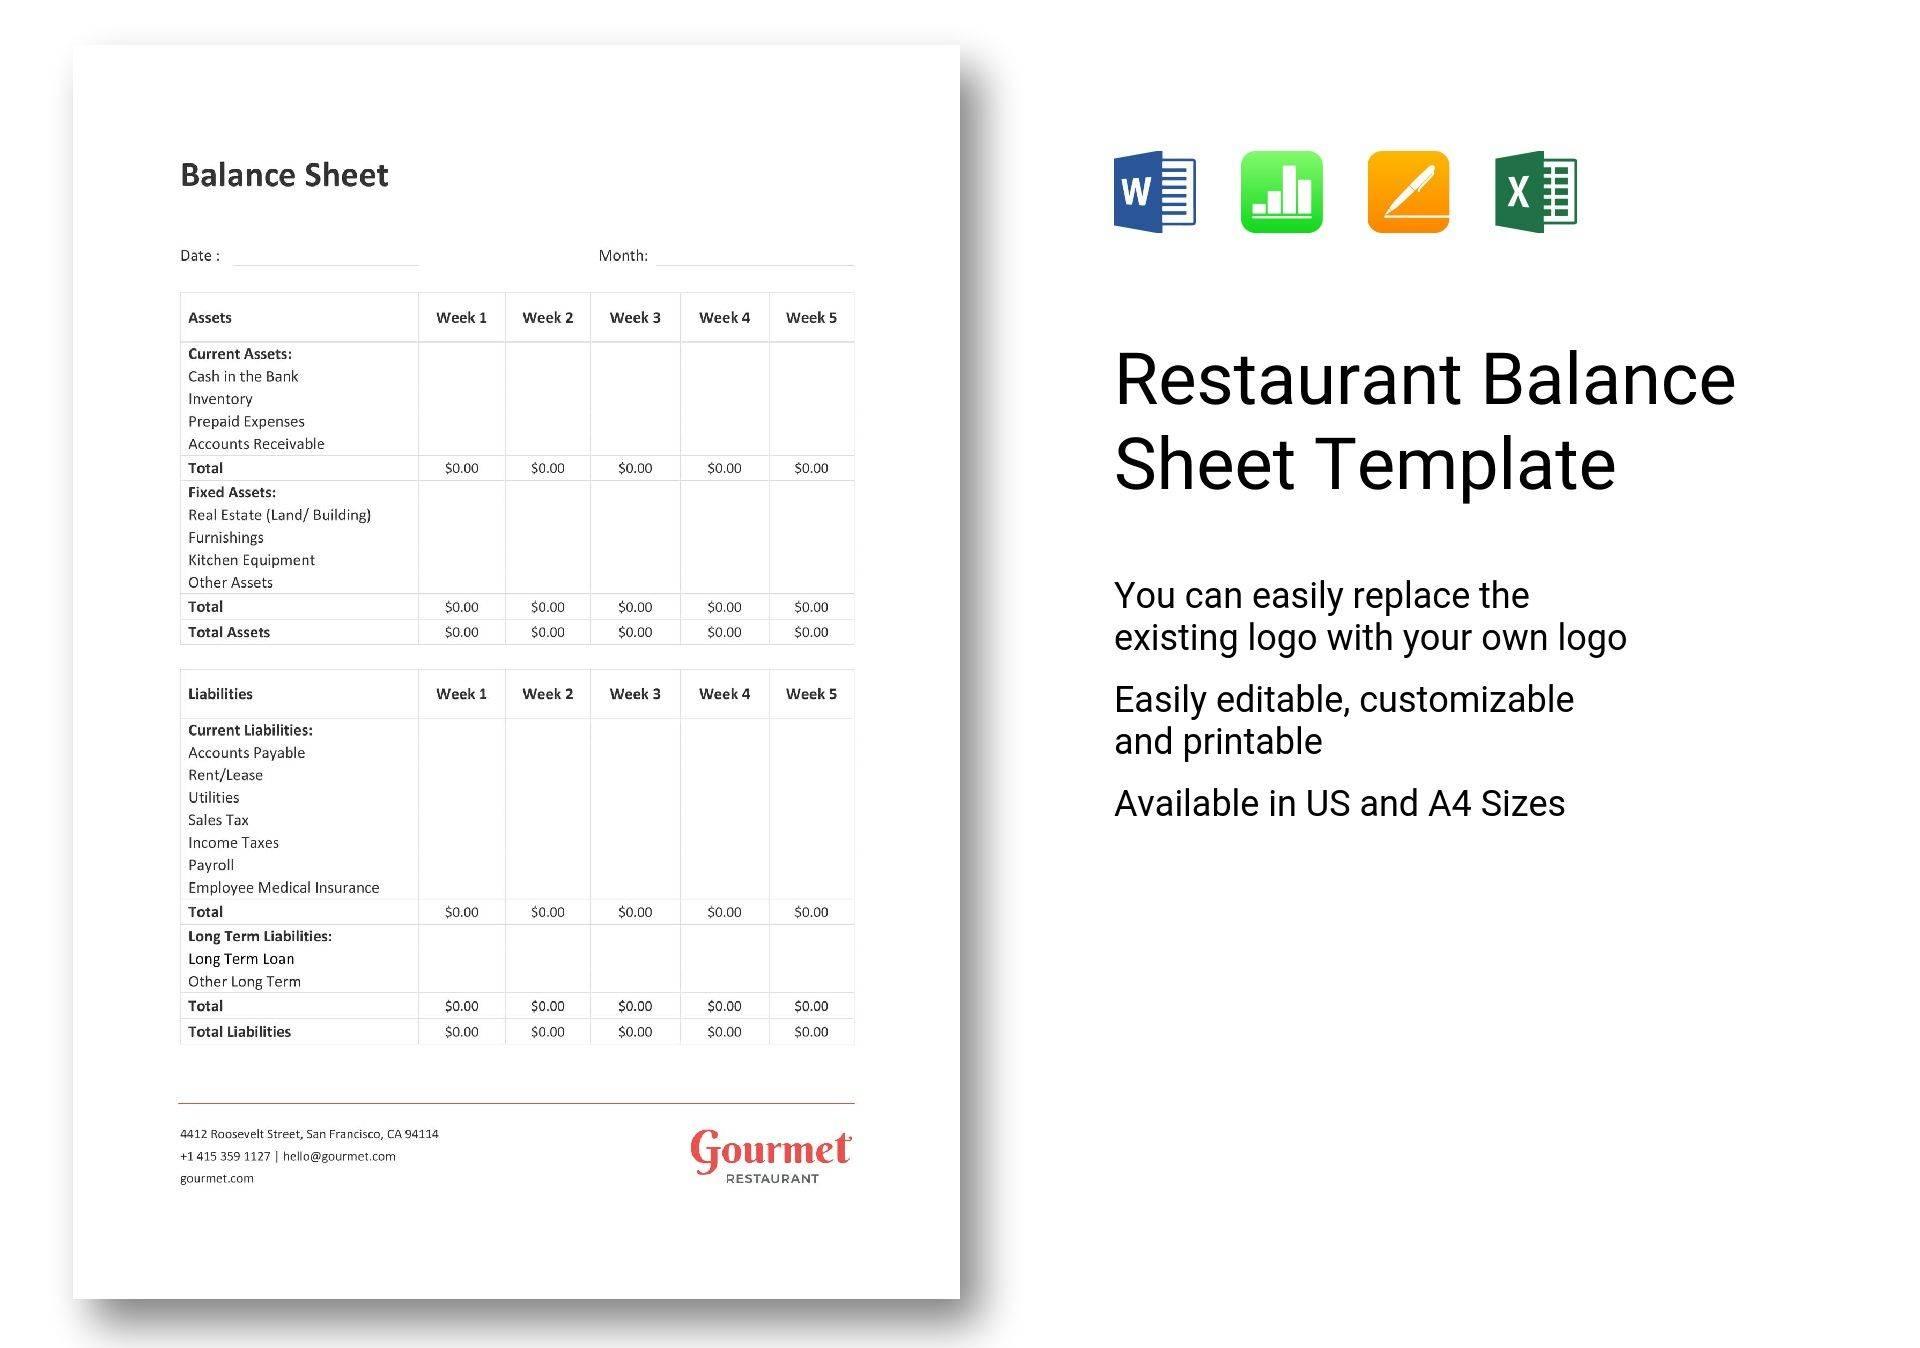 Restaurant Balance Sheet Template